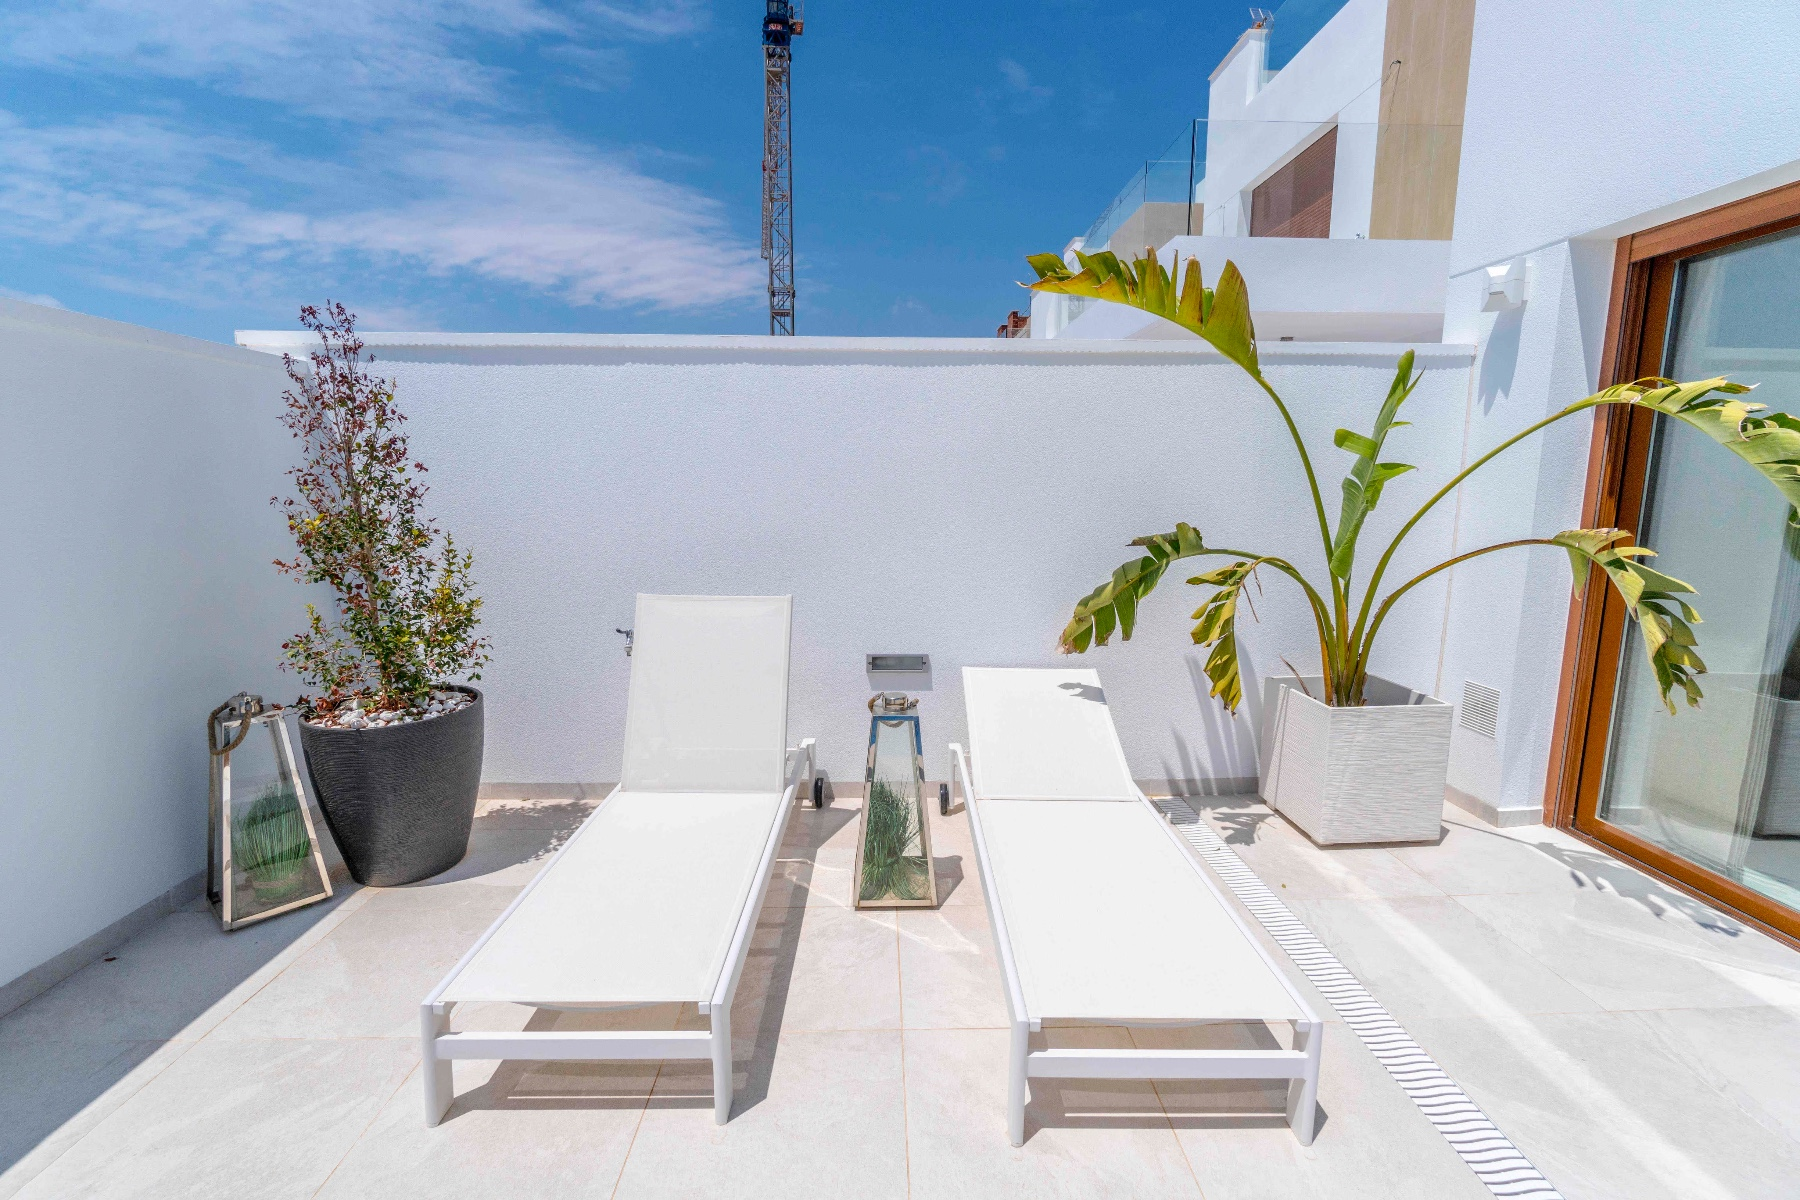 3 bed Villa in Pilar de La Horadada image 31